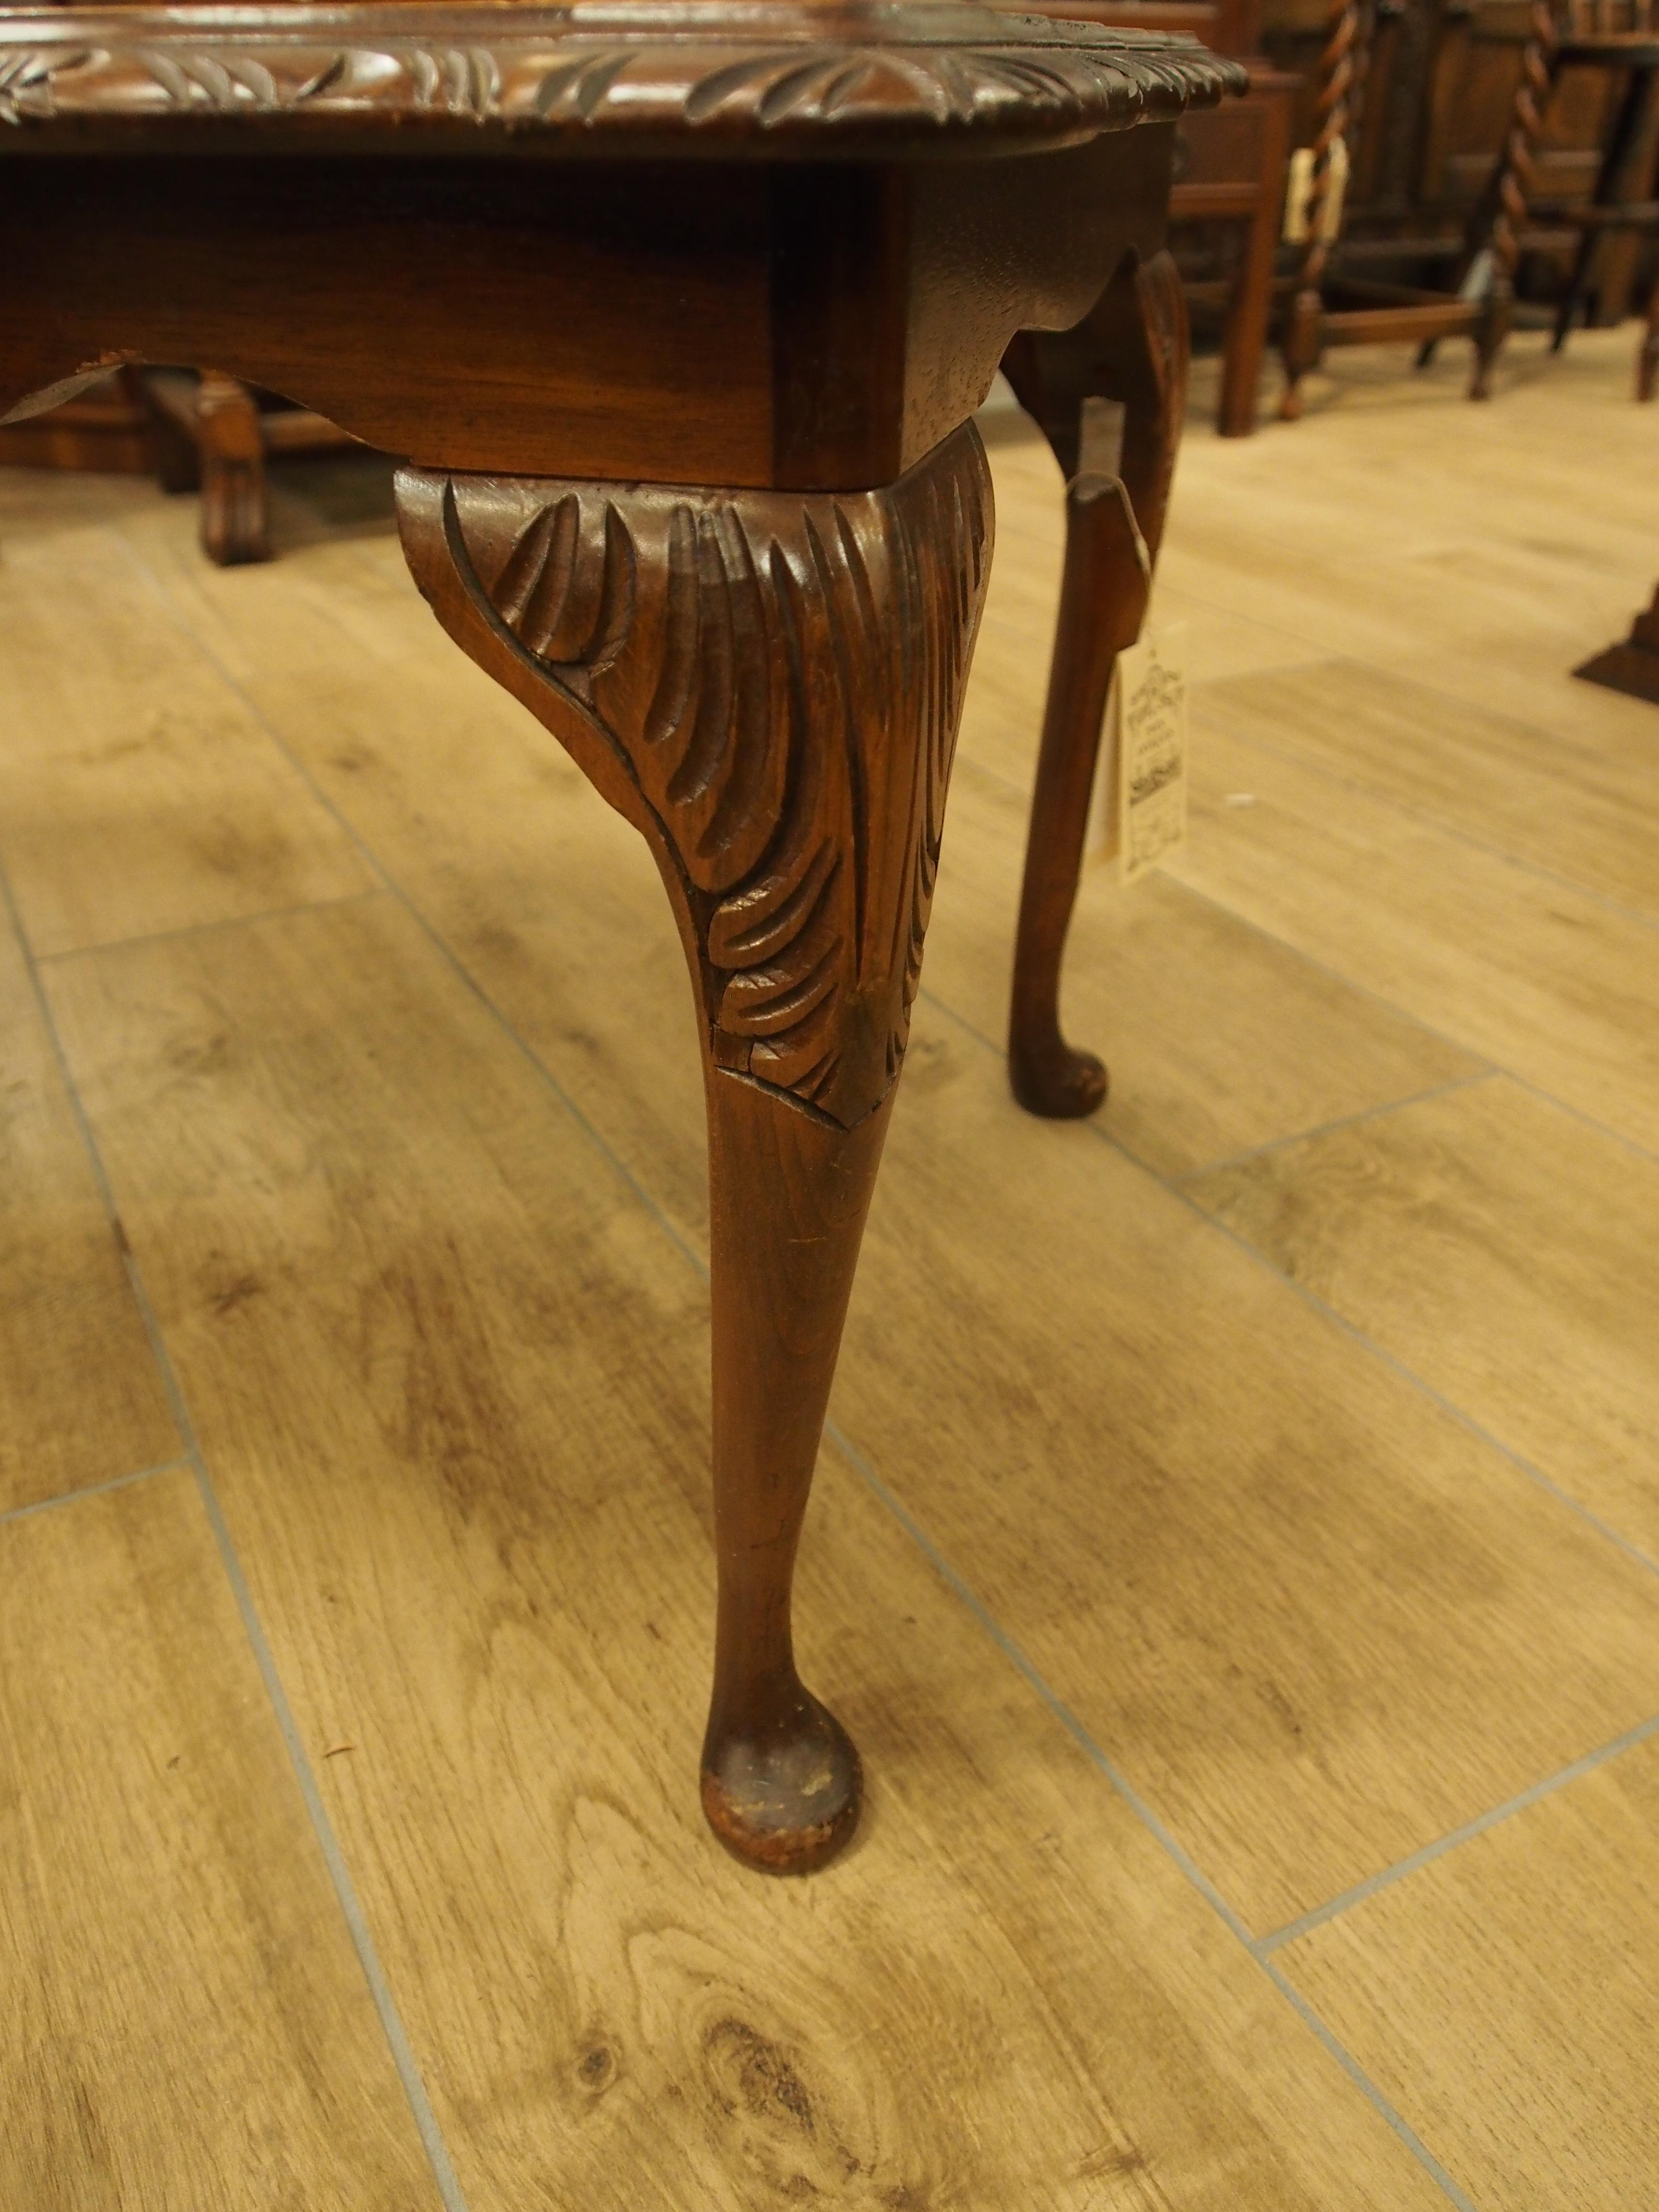 ウォールナットコーヒーテーブル コーヒーテーブル クイーンアン ネコ脚 彫刻 彫 ガラストップ アンティーク家具 ヴィンテージ家具 ヨーロッパ家具 イギリス家具 英国家具 UK 関西 大阪 箕面